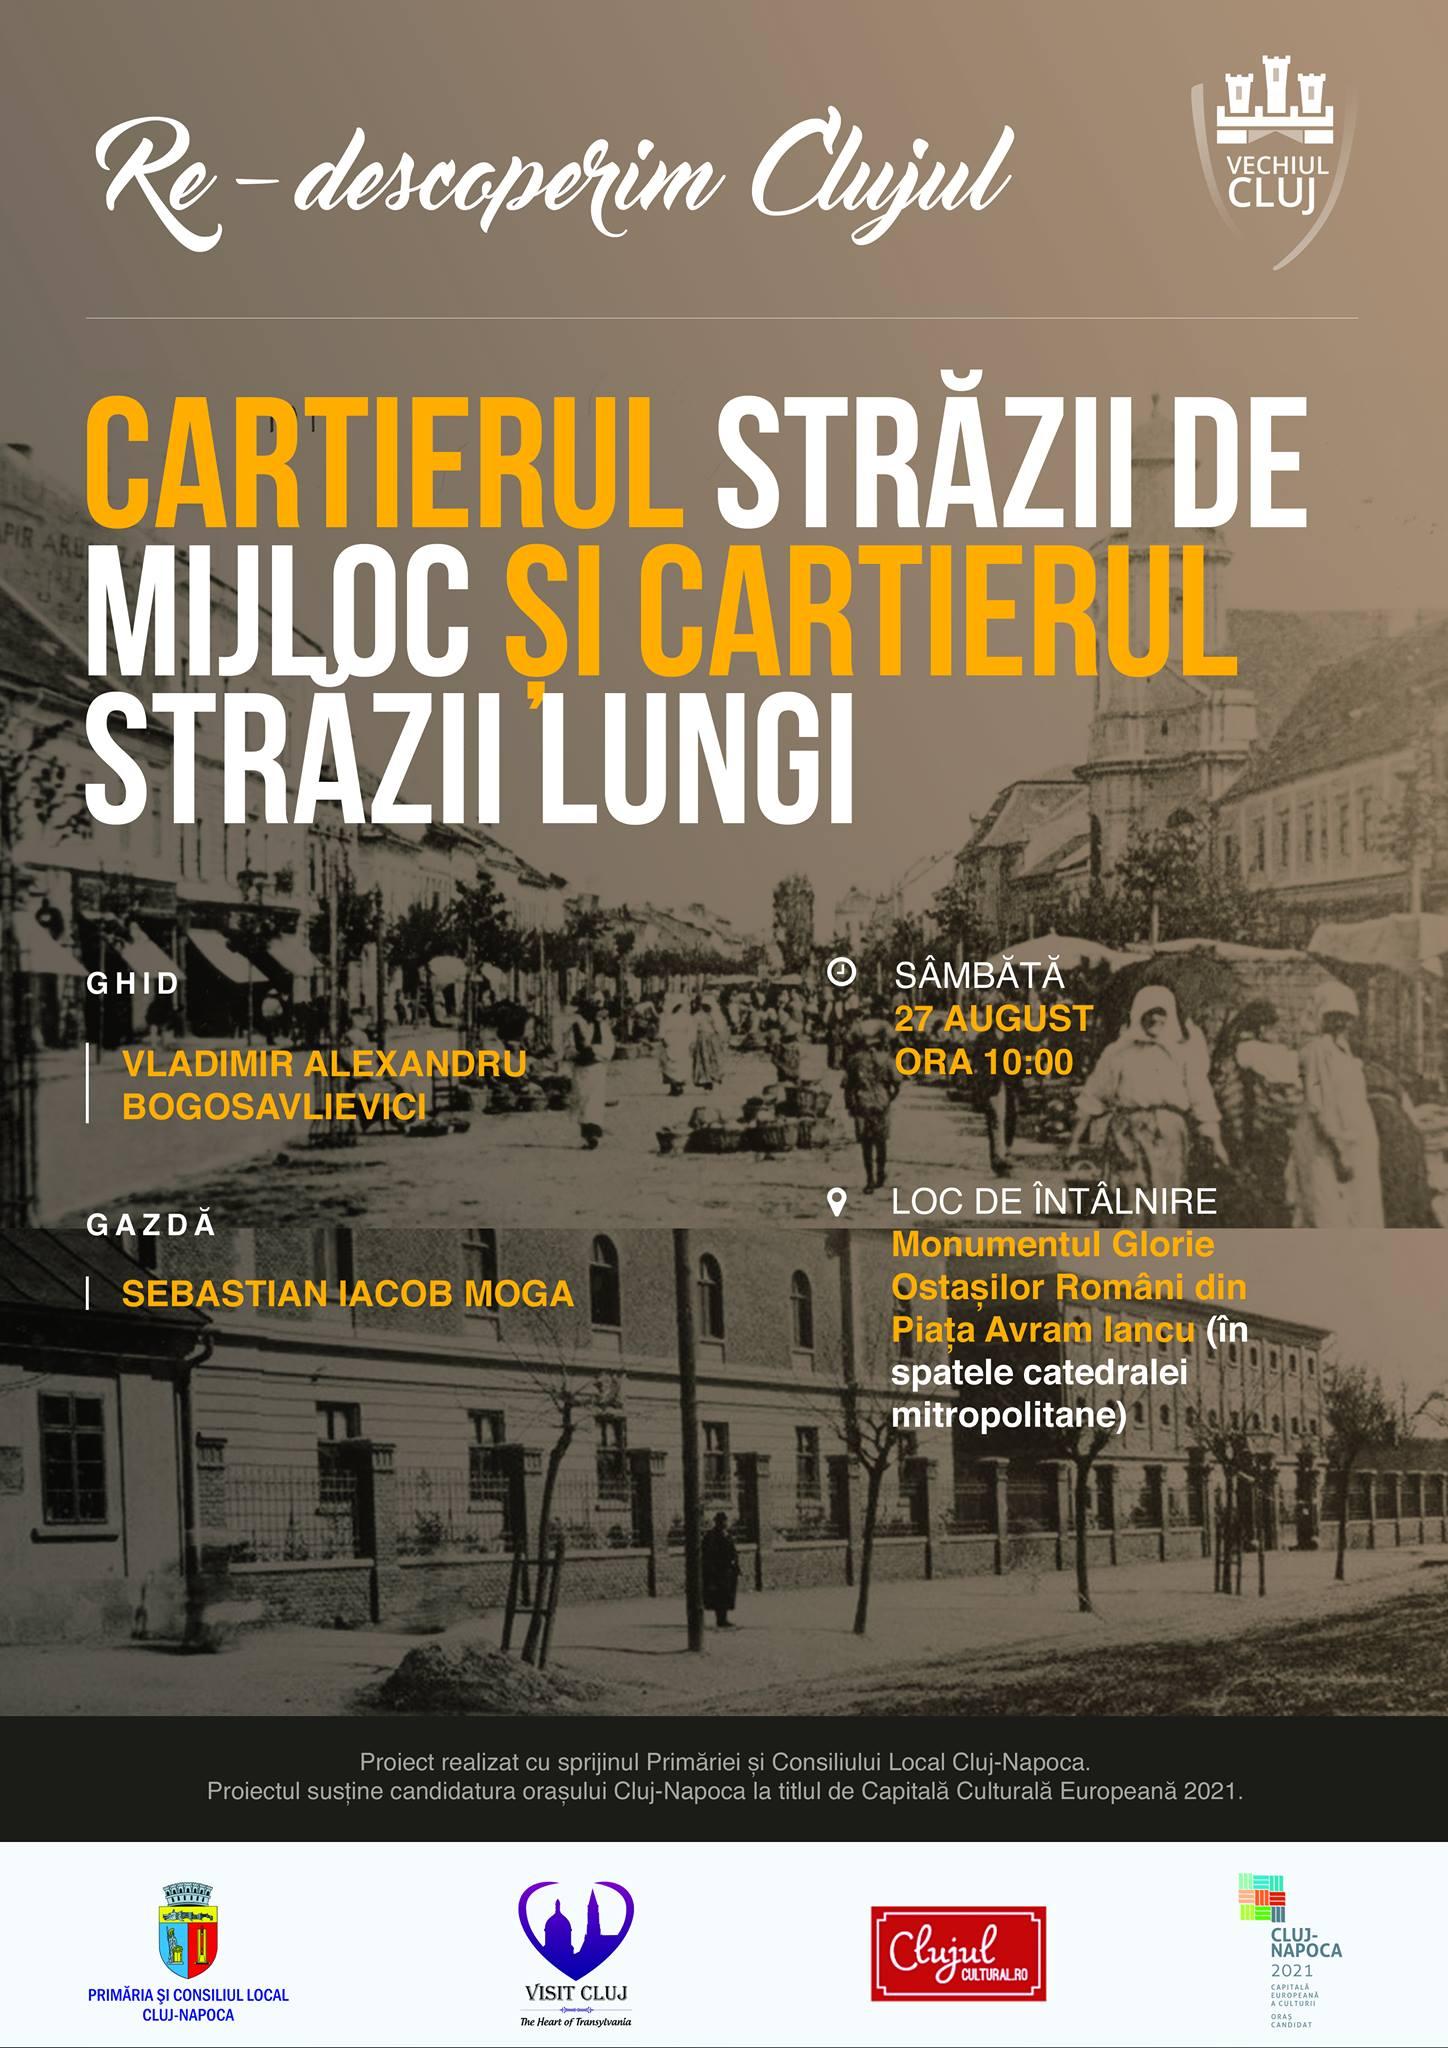 Re-descoperim Clujul – Cartierul Străzii de Mijloc și Cartierul Străzii Lungi